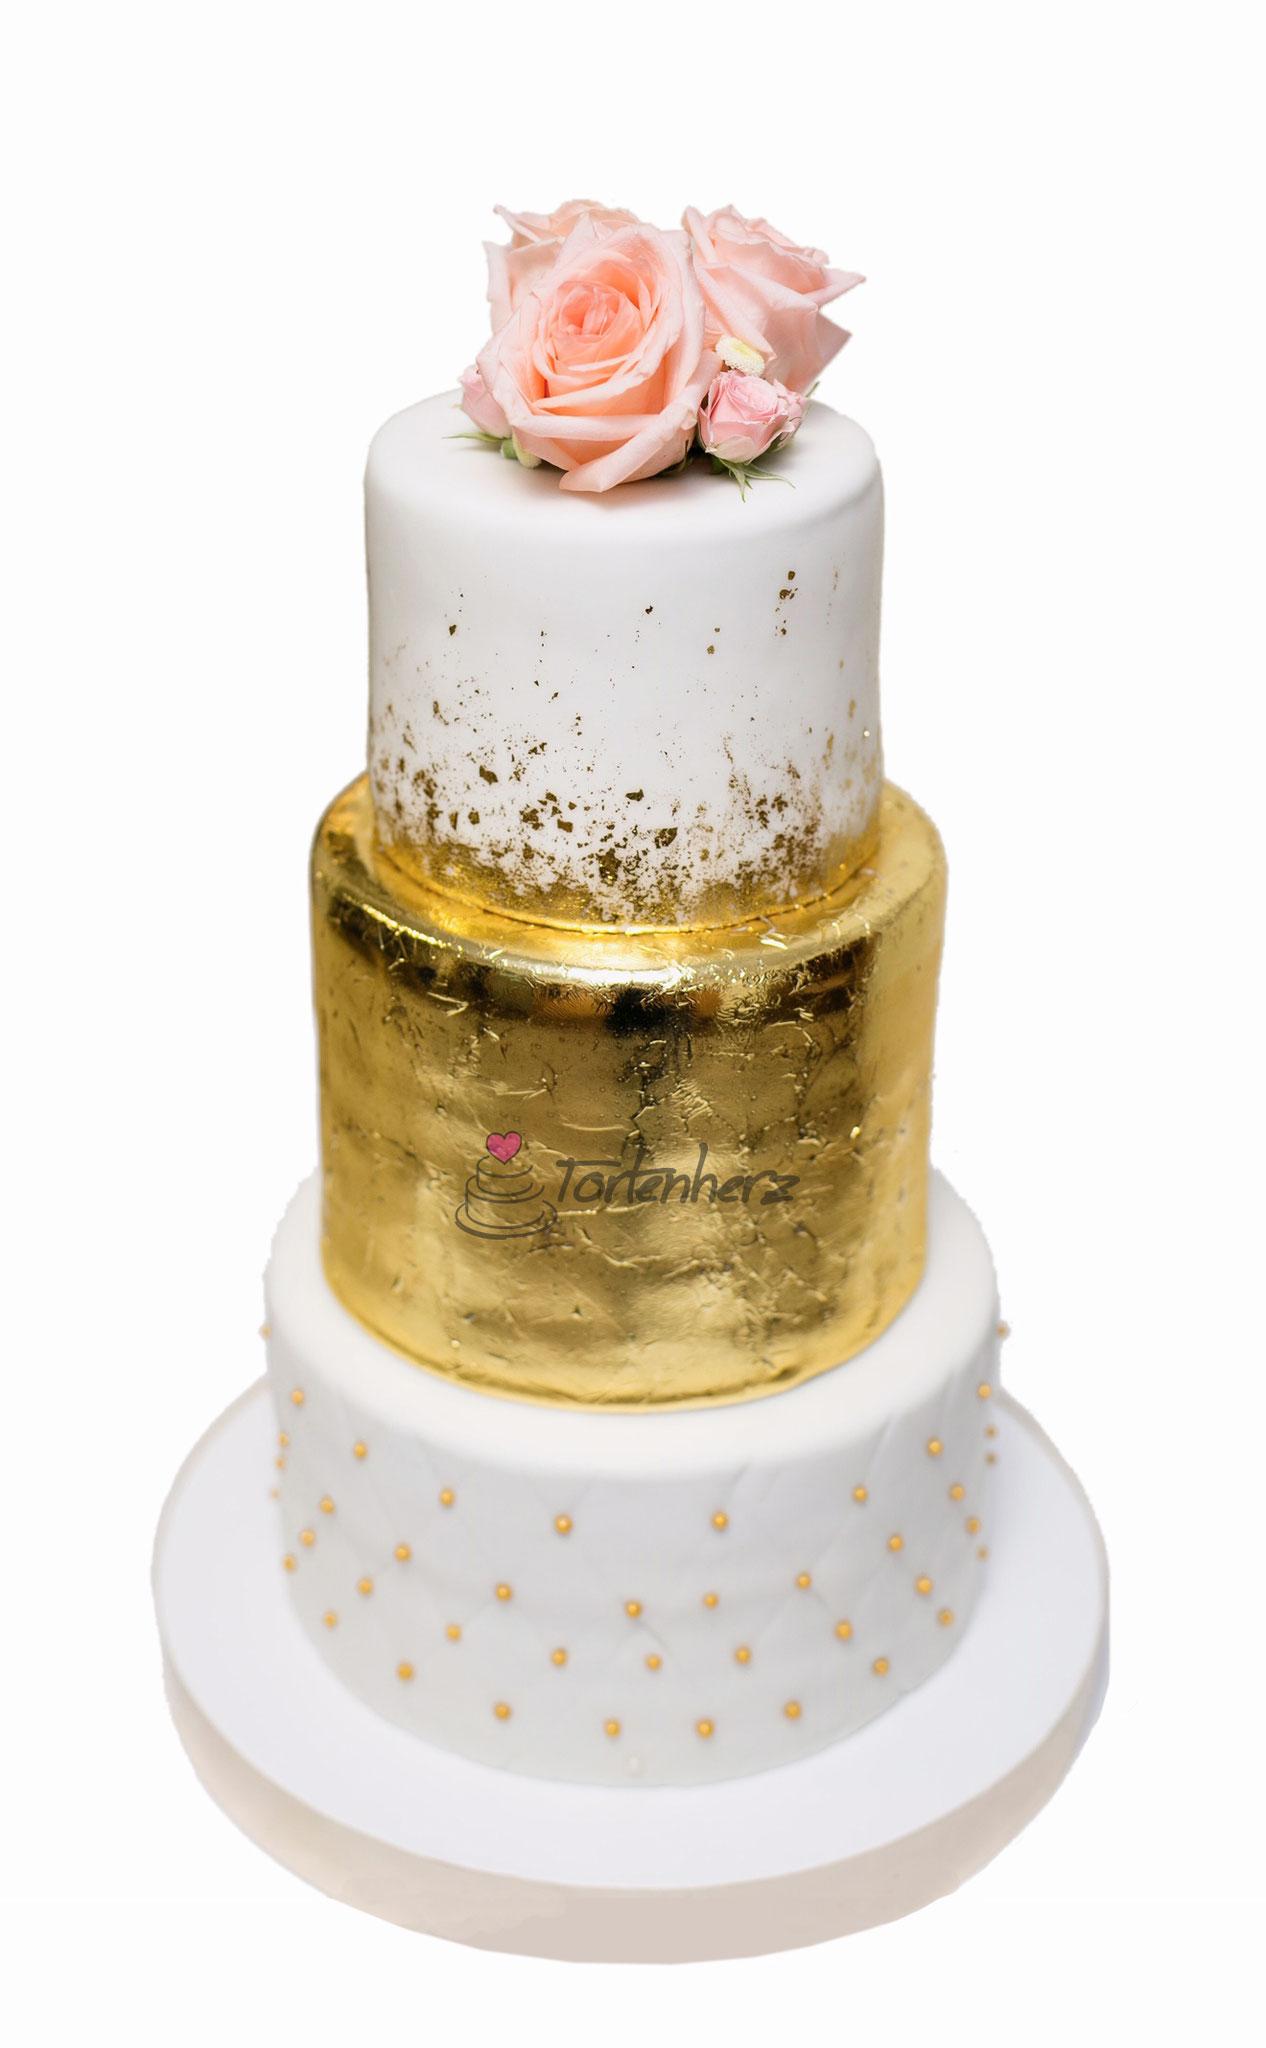 Hochzeitstorte mit Balttgold